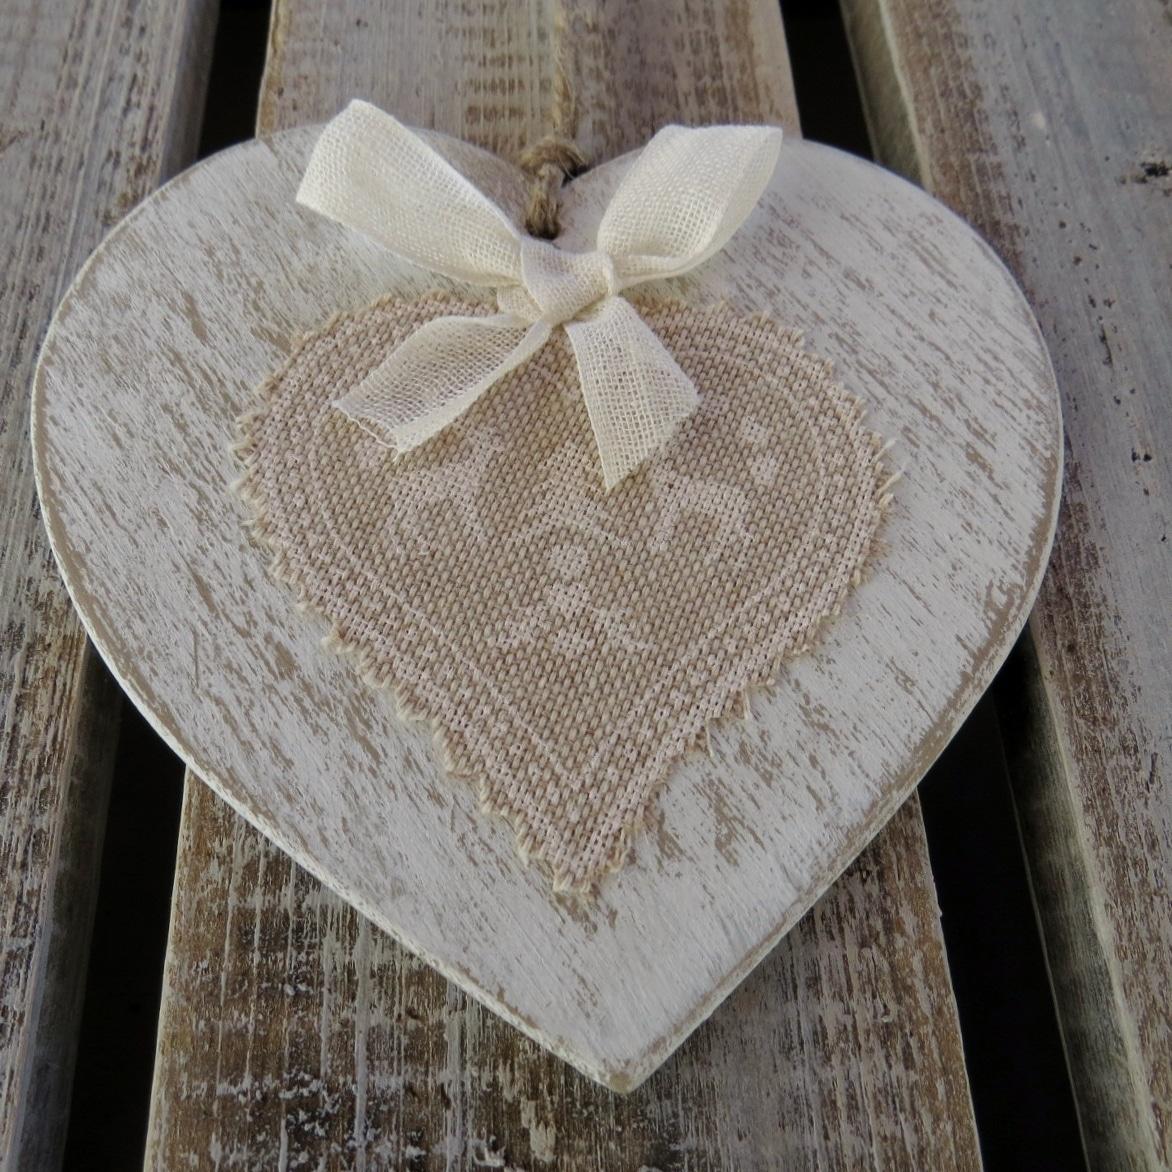 Cuore in legno shabby chic decorazione natalizia da for Nomi in legno da appendere